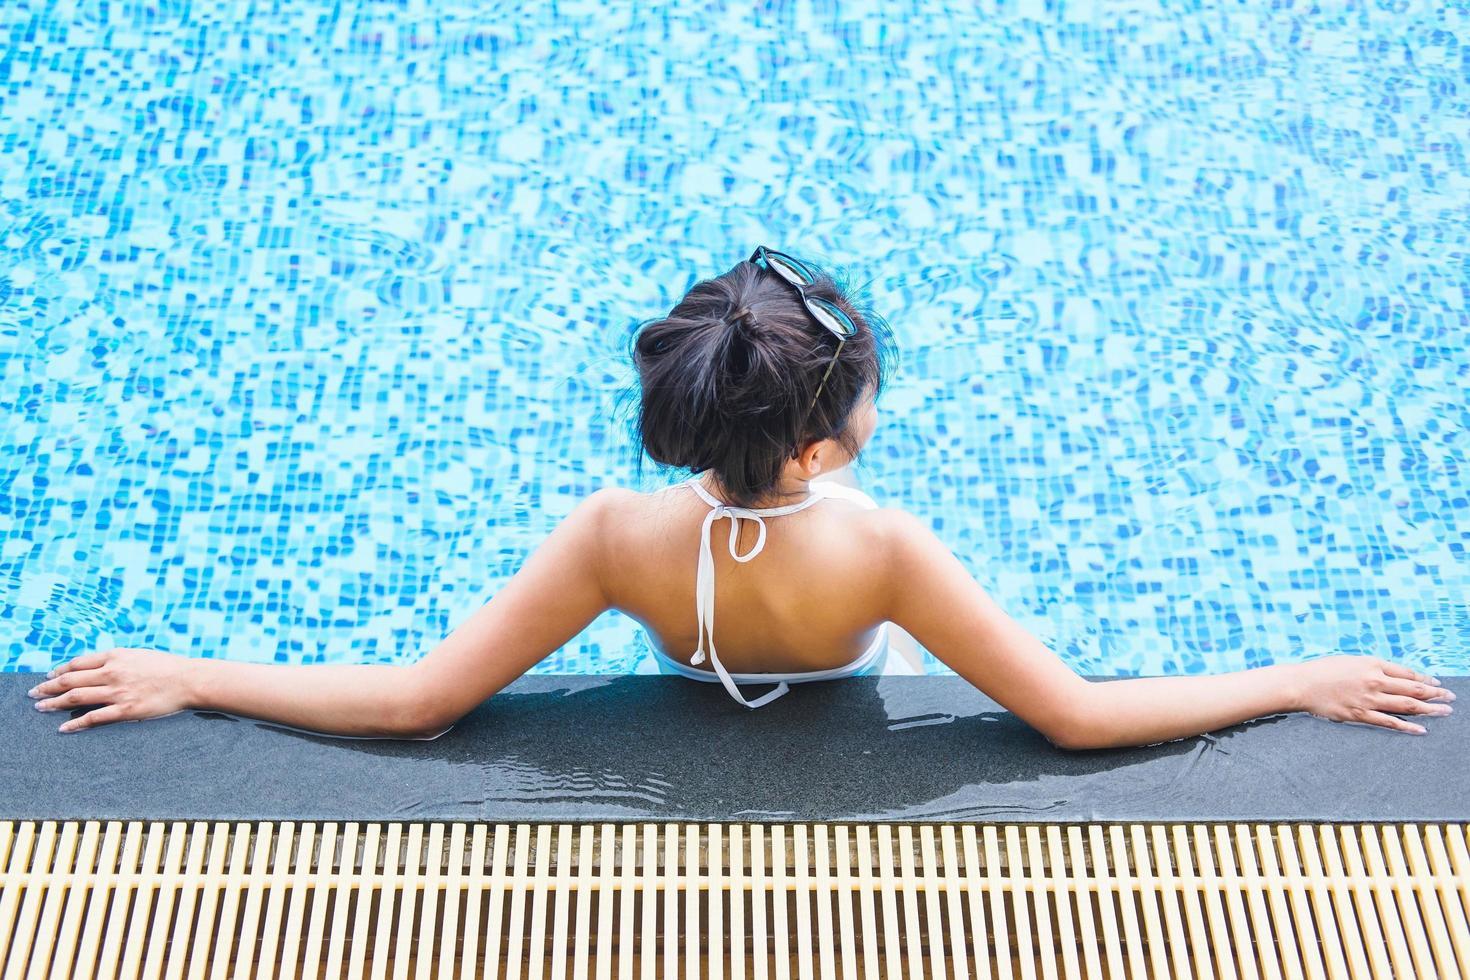 donna che si distende in piscina foto